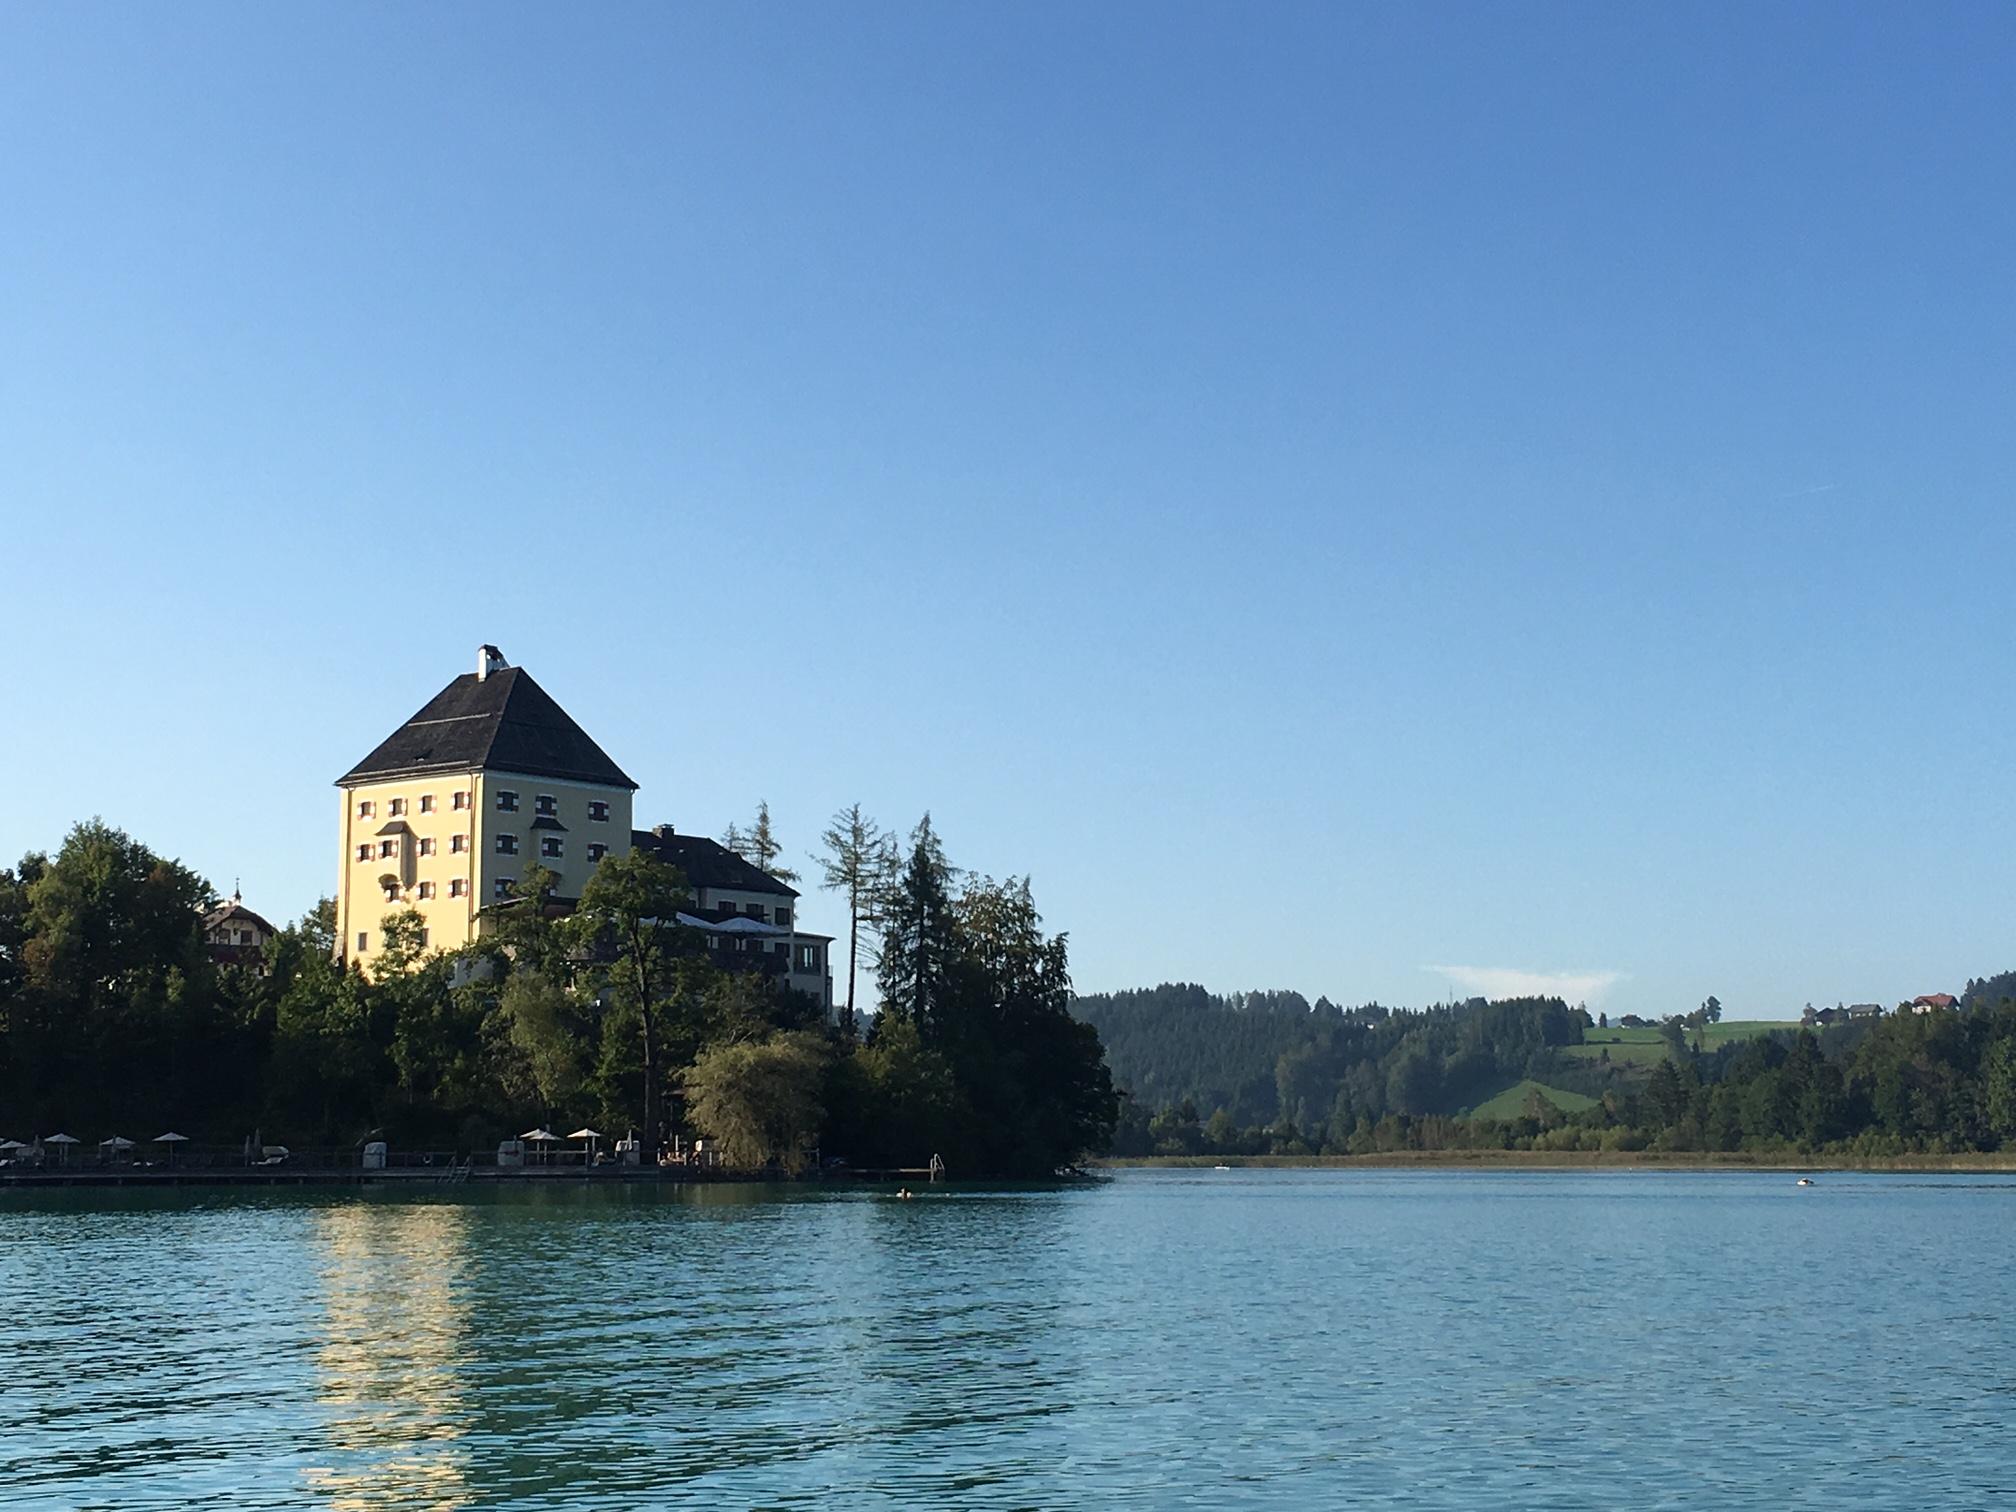 The beautiful Schloss Fuschl hotel outside of Salzburg, Austria